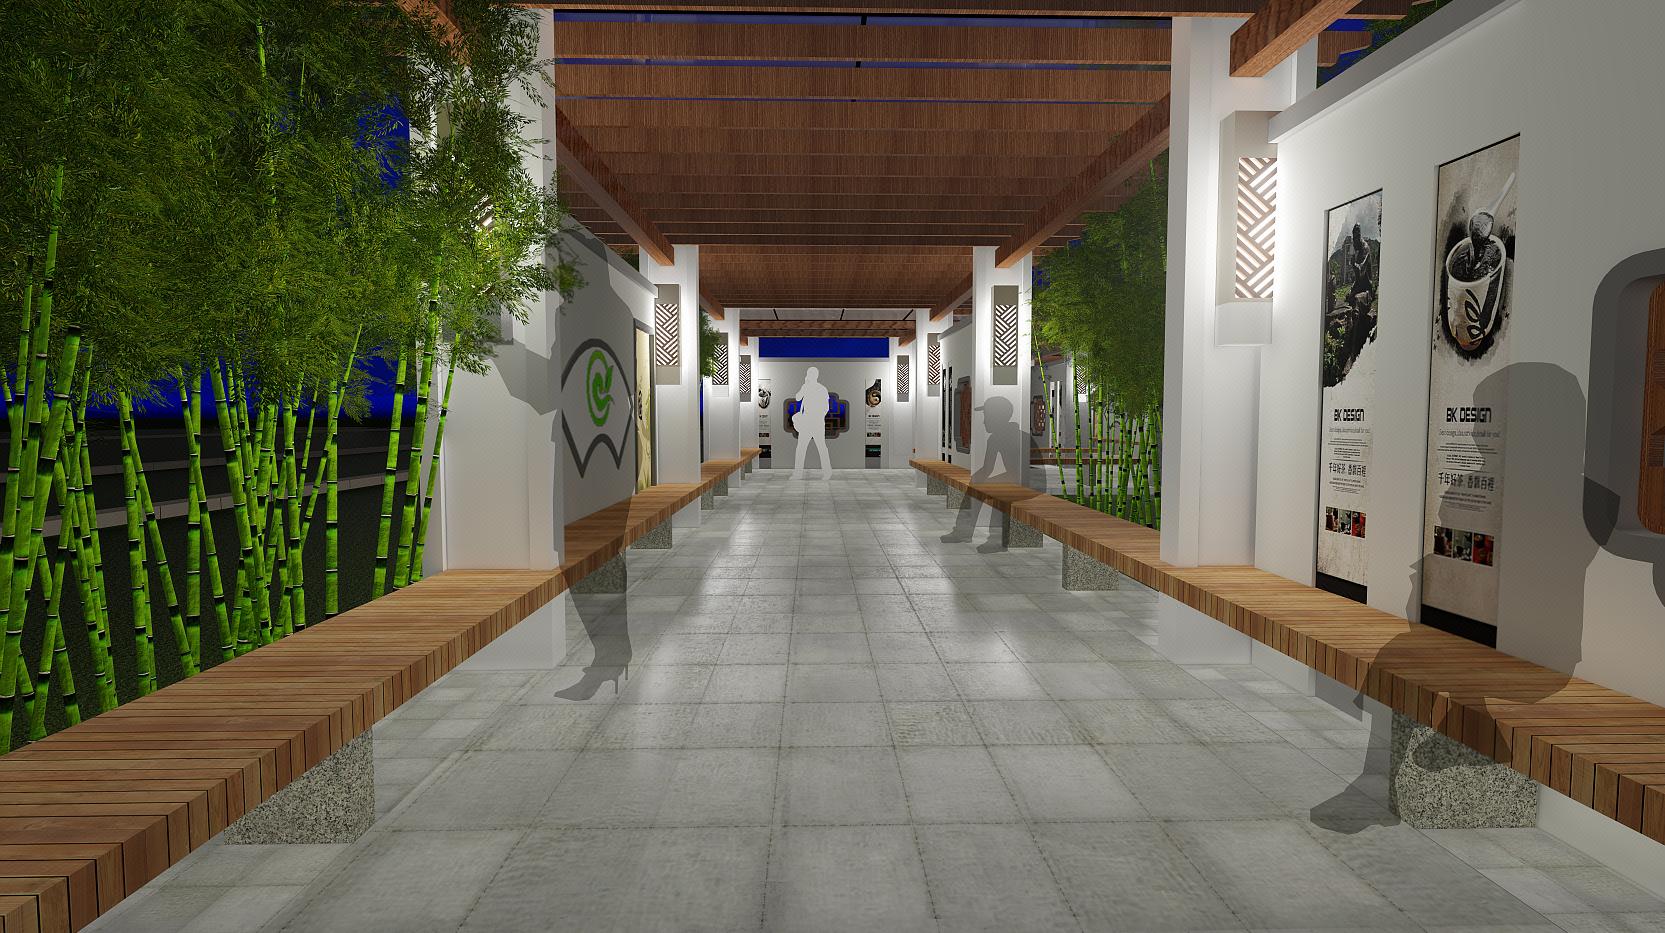 新农村小公园校园公园景观设方案计效果图